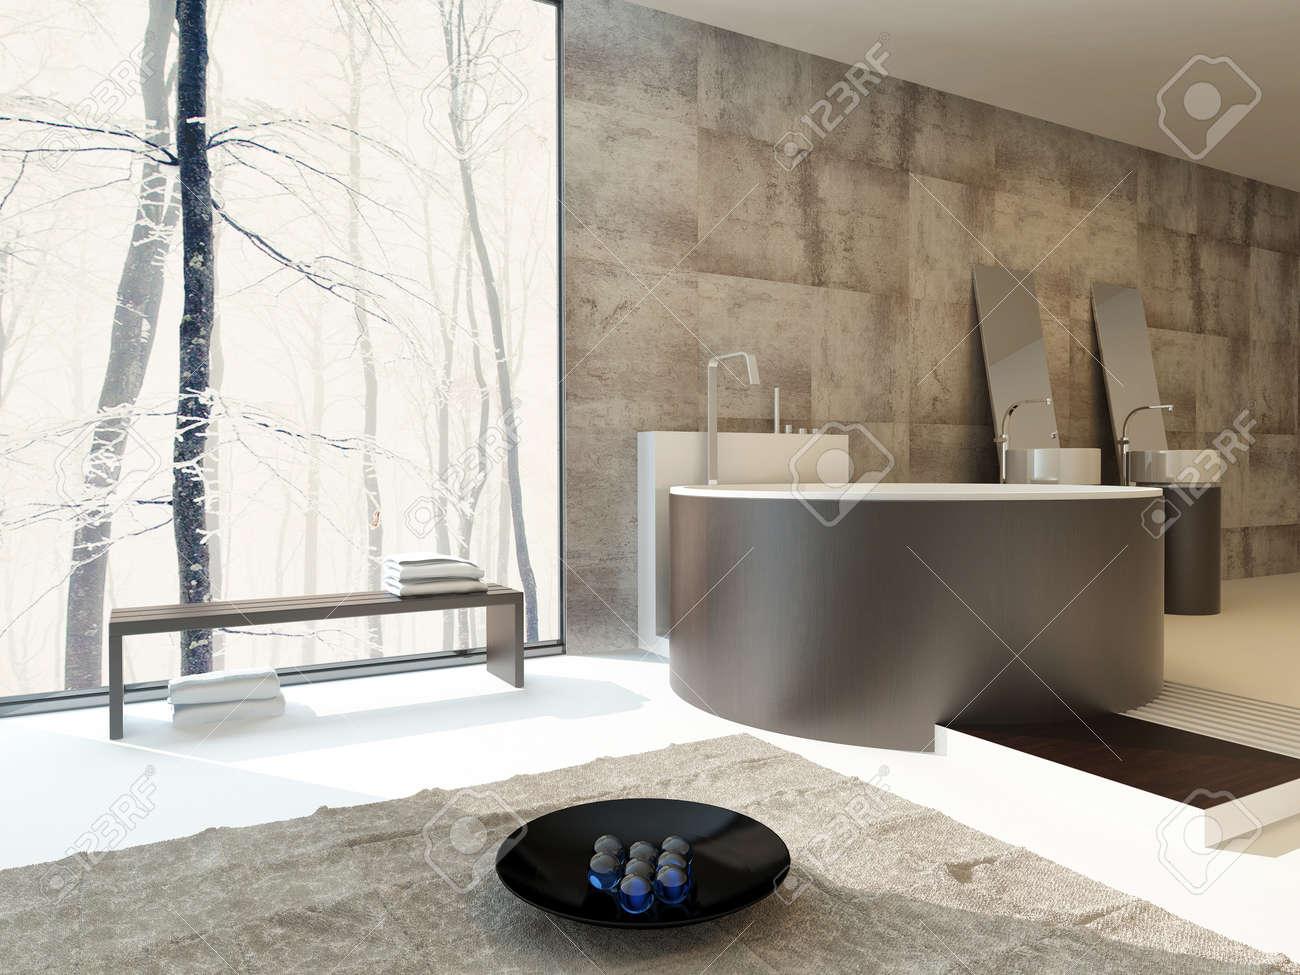 Intérieur de salle de bains de luxe moderne dans des bassins beige et  marron avec une baignoire autoportante circulaire et correspondant à la  main ...